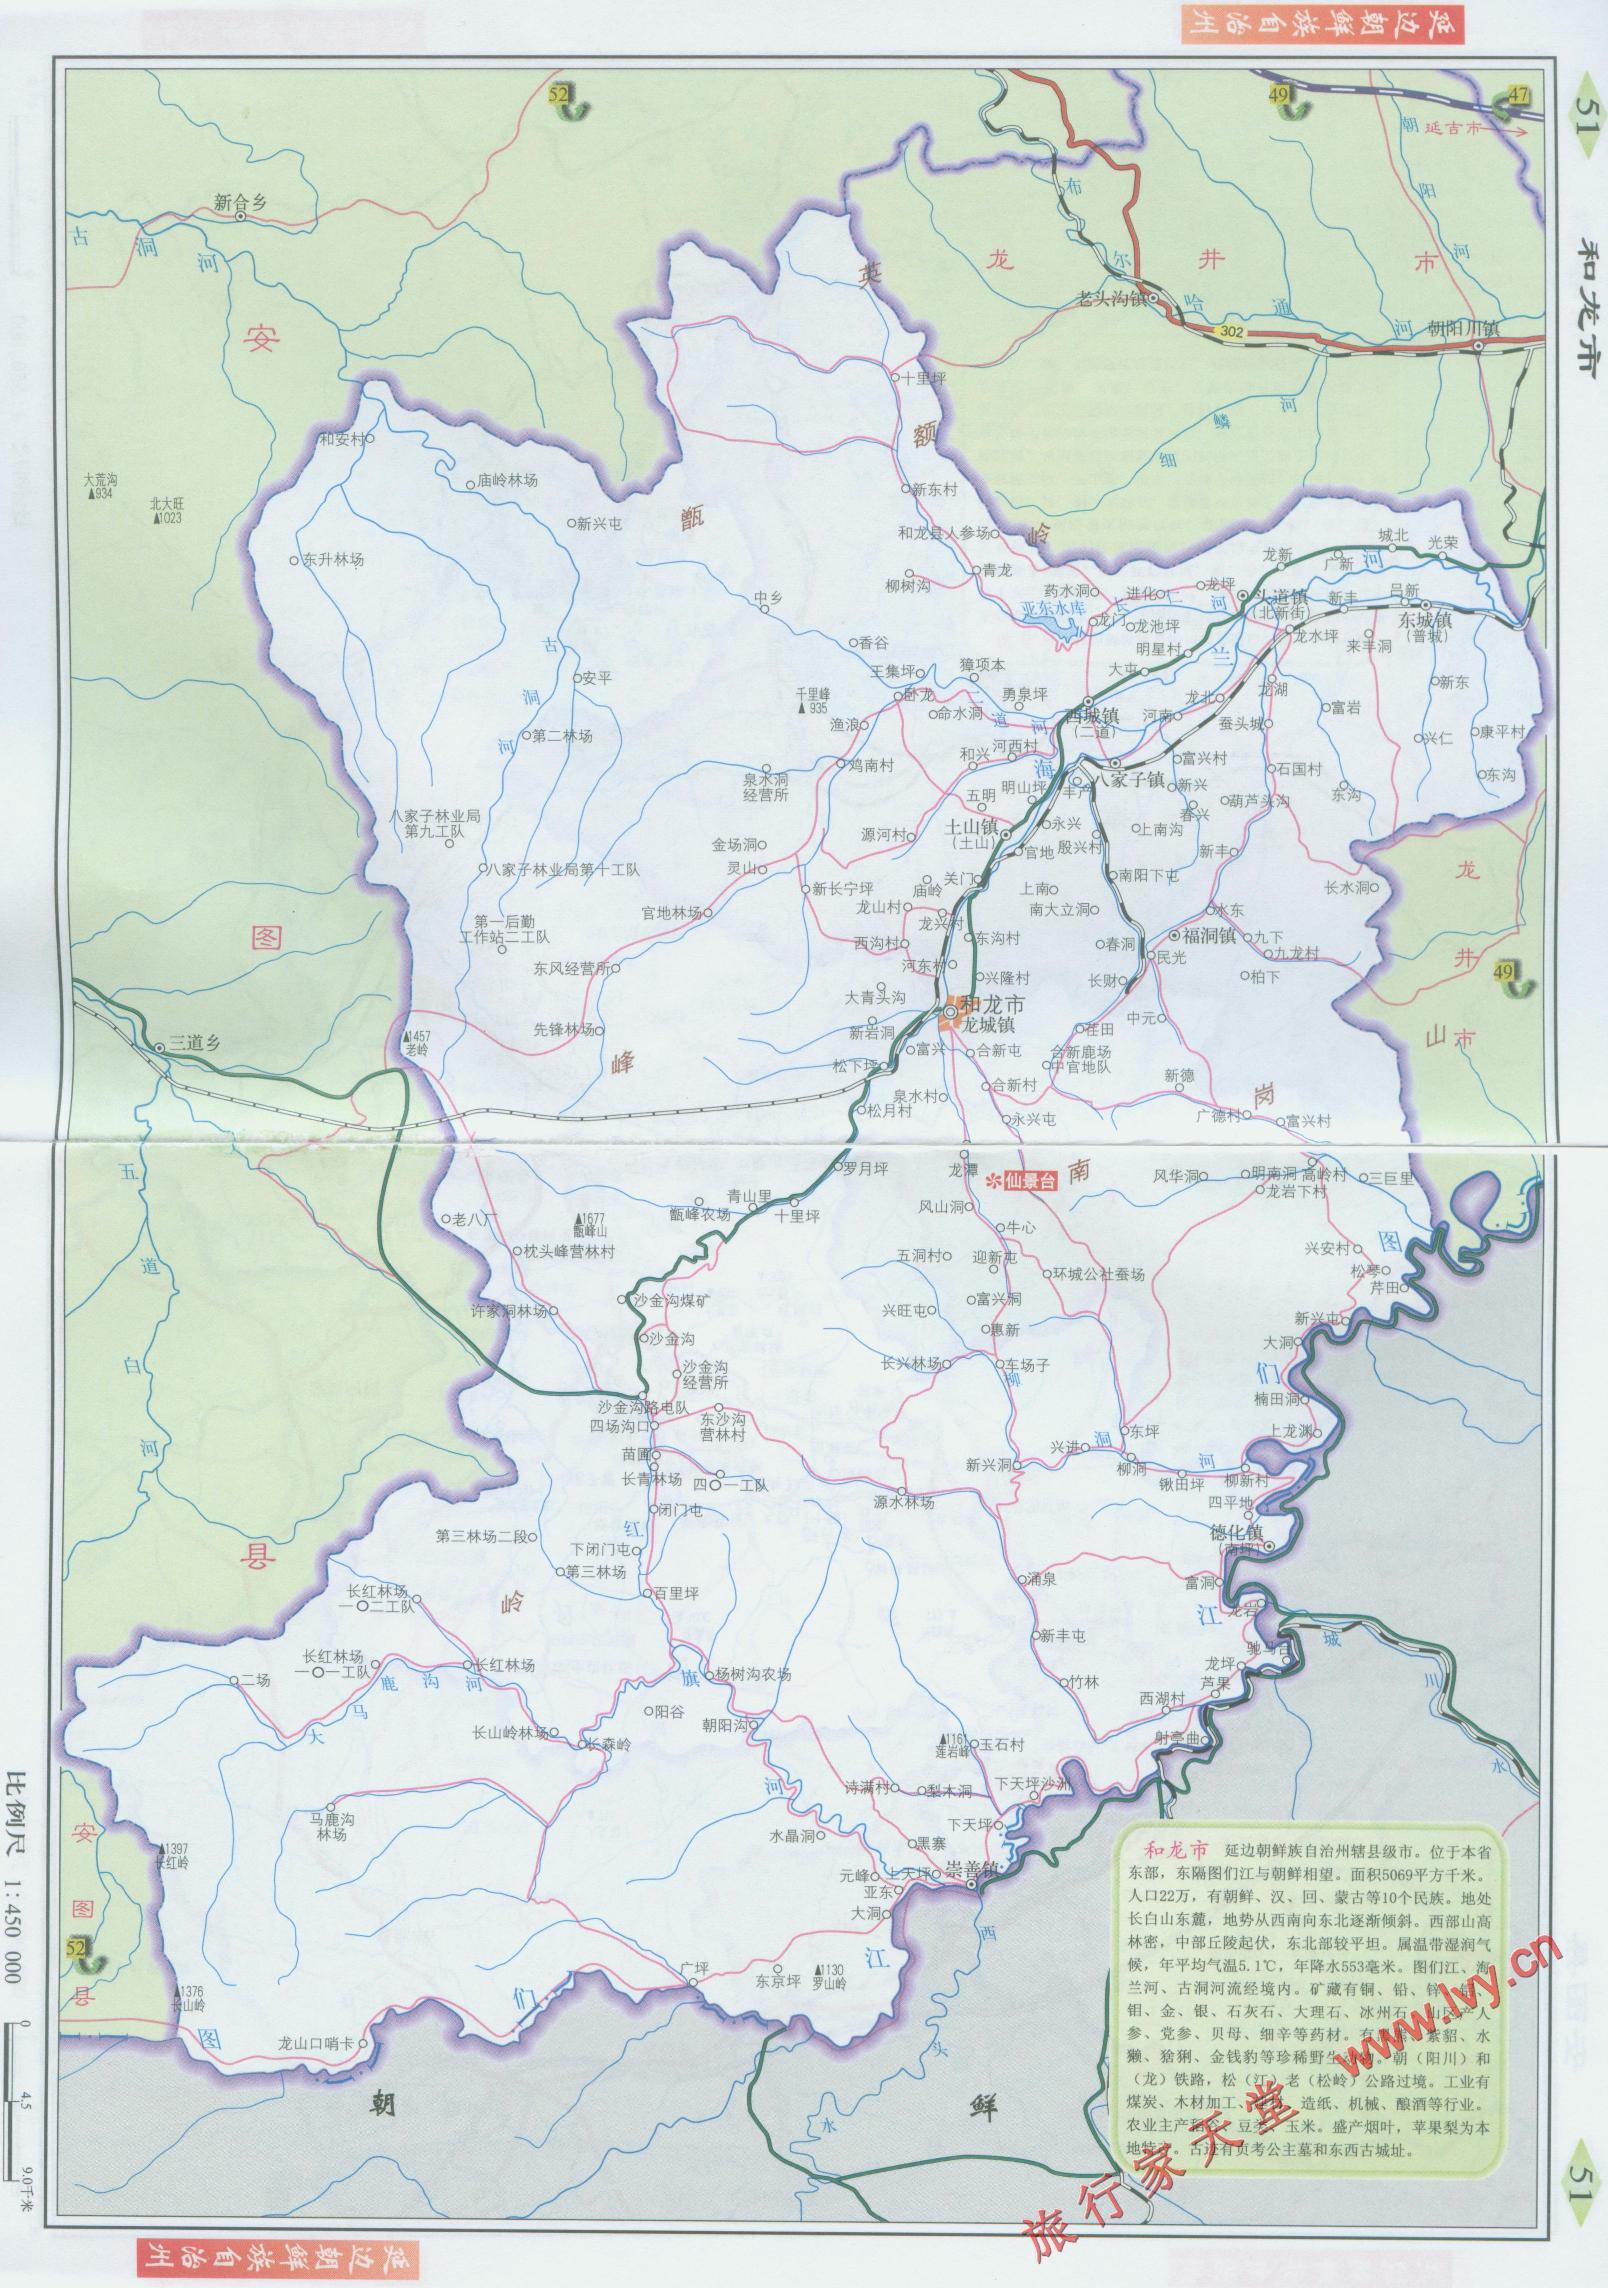 和龙市地图_延边地图库